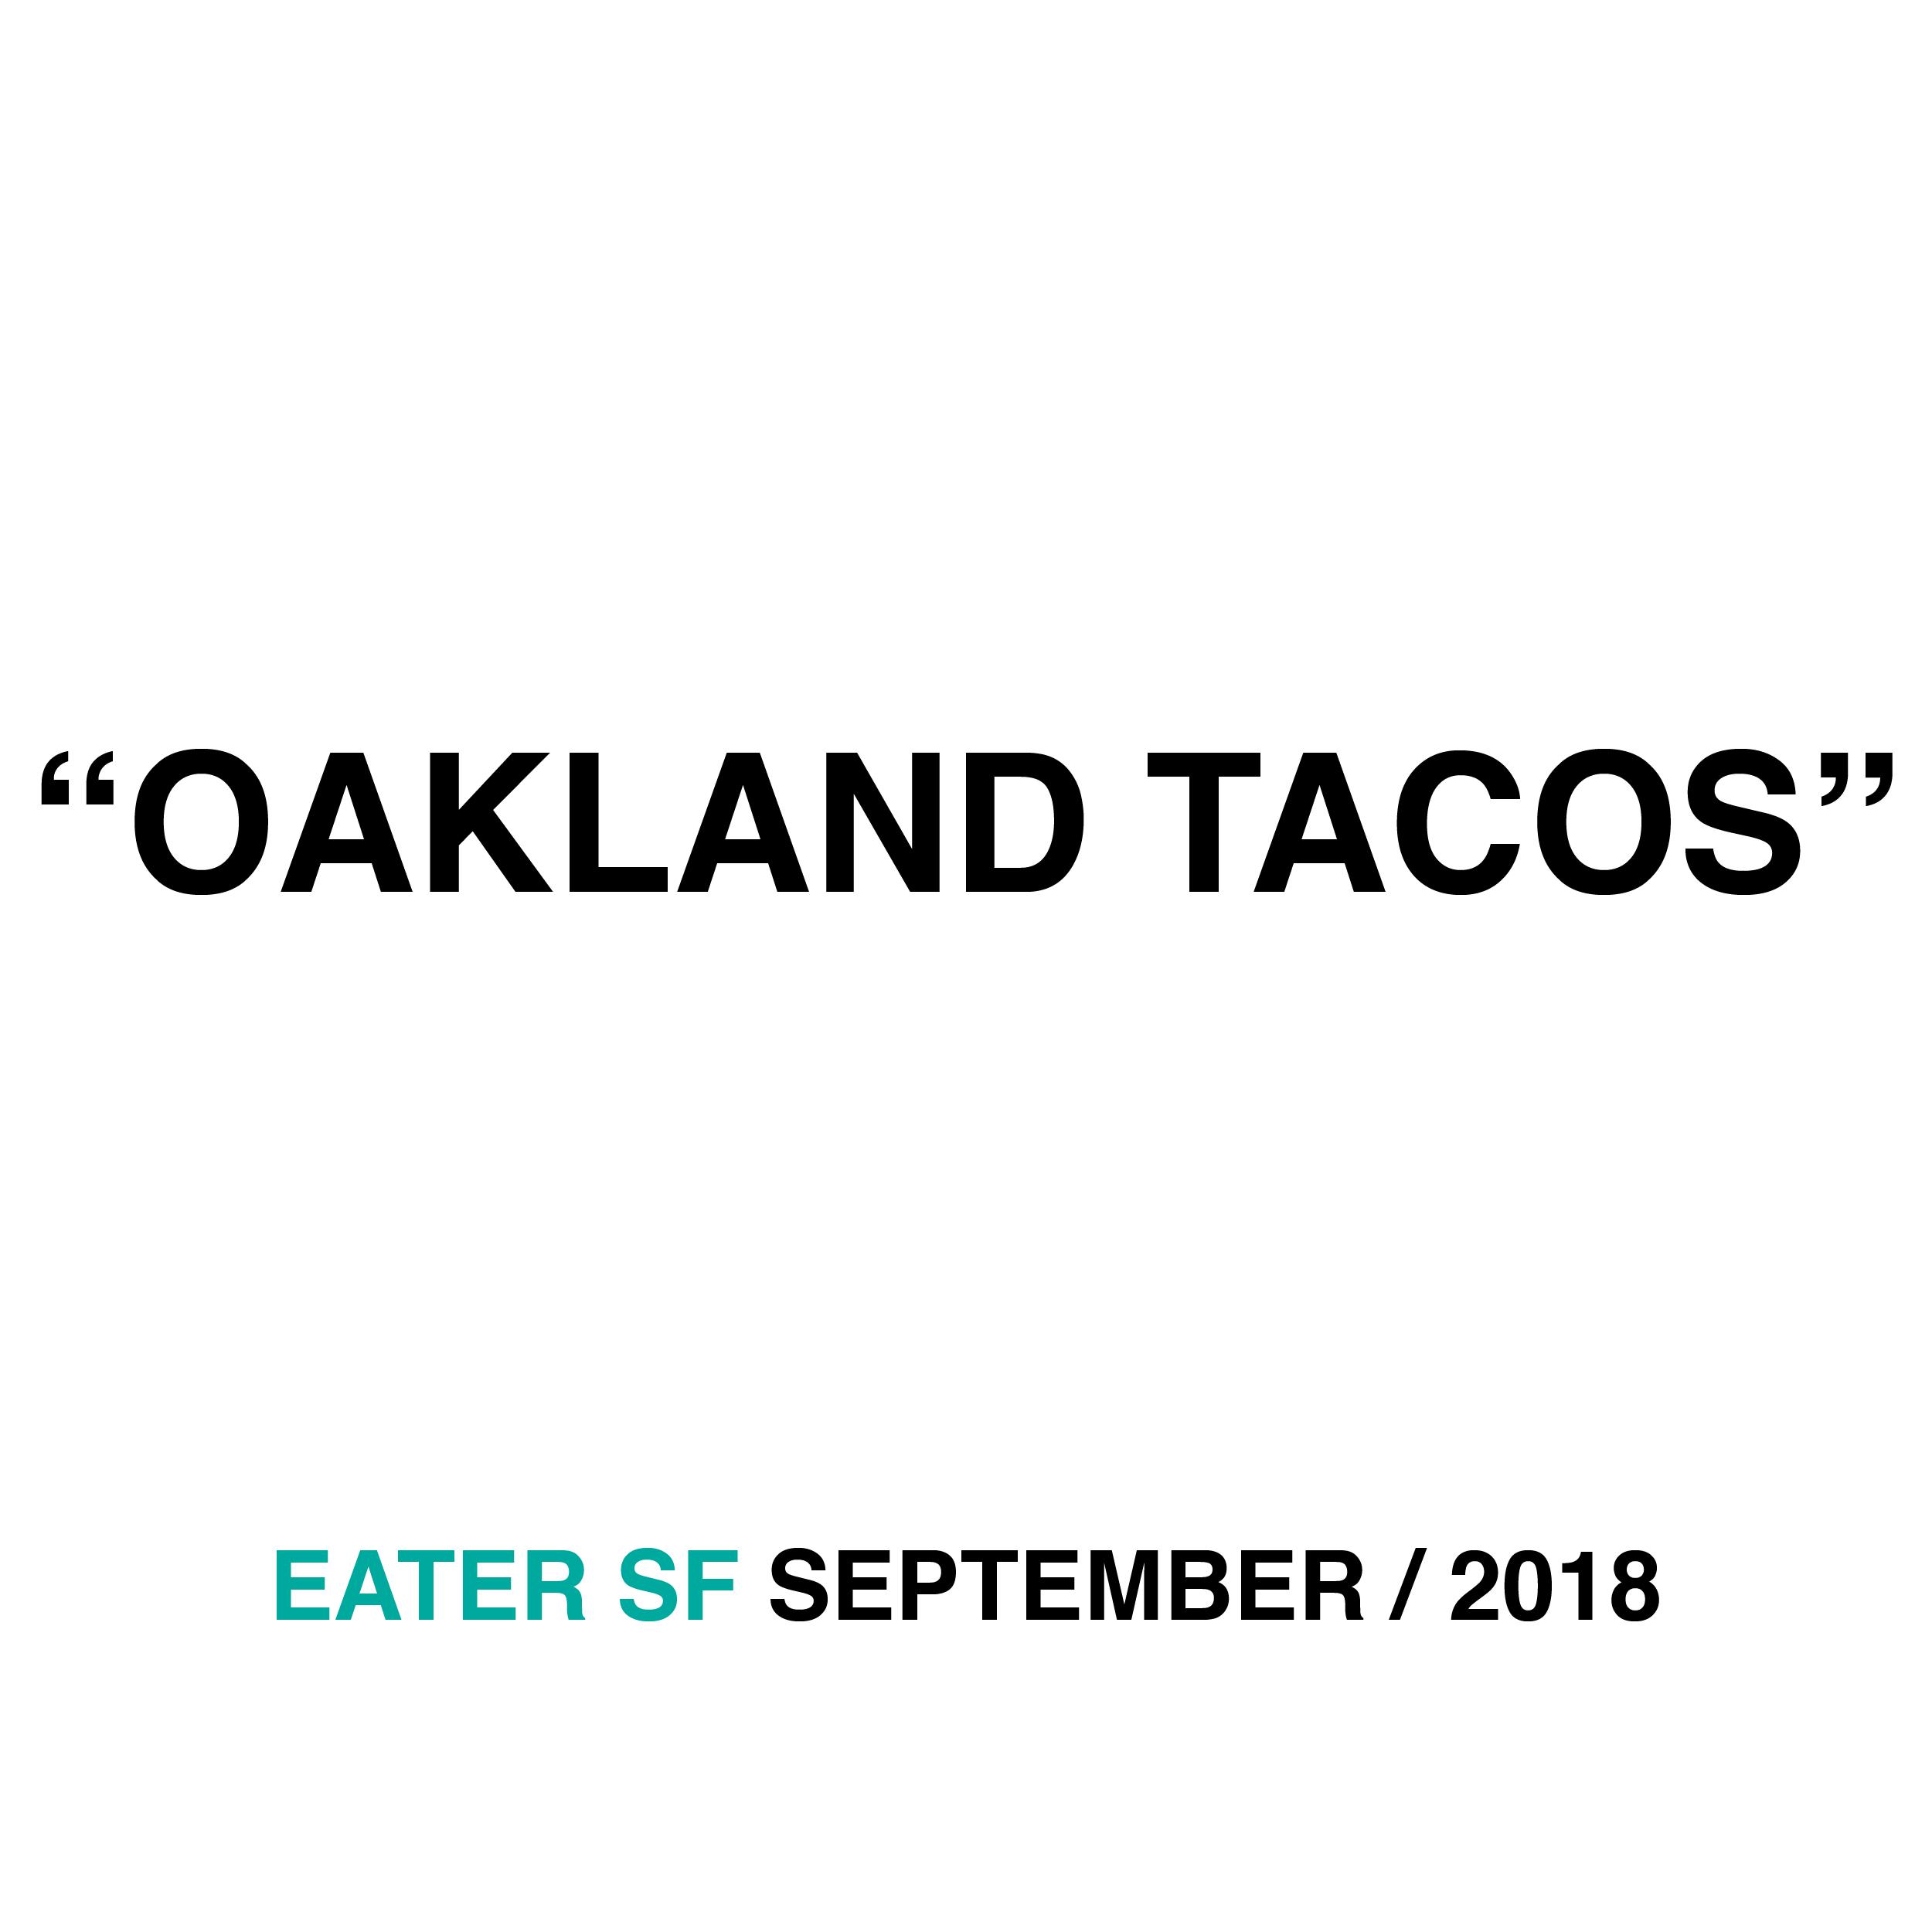 OAKLAND-TACOS-01.png